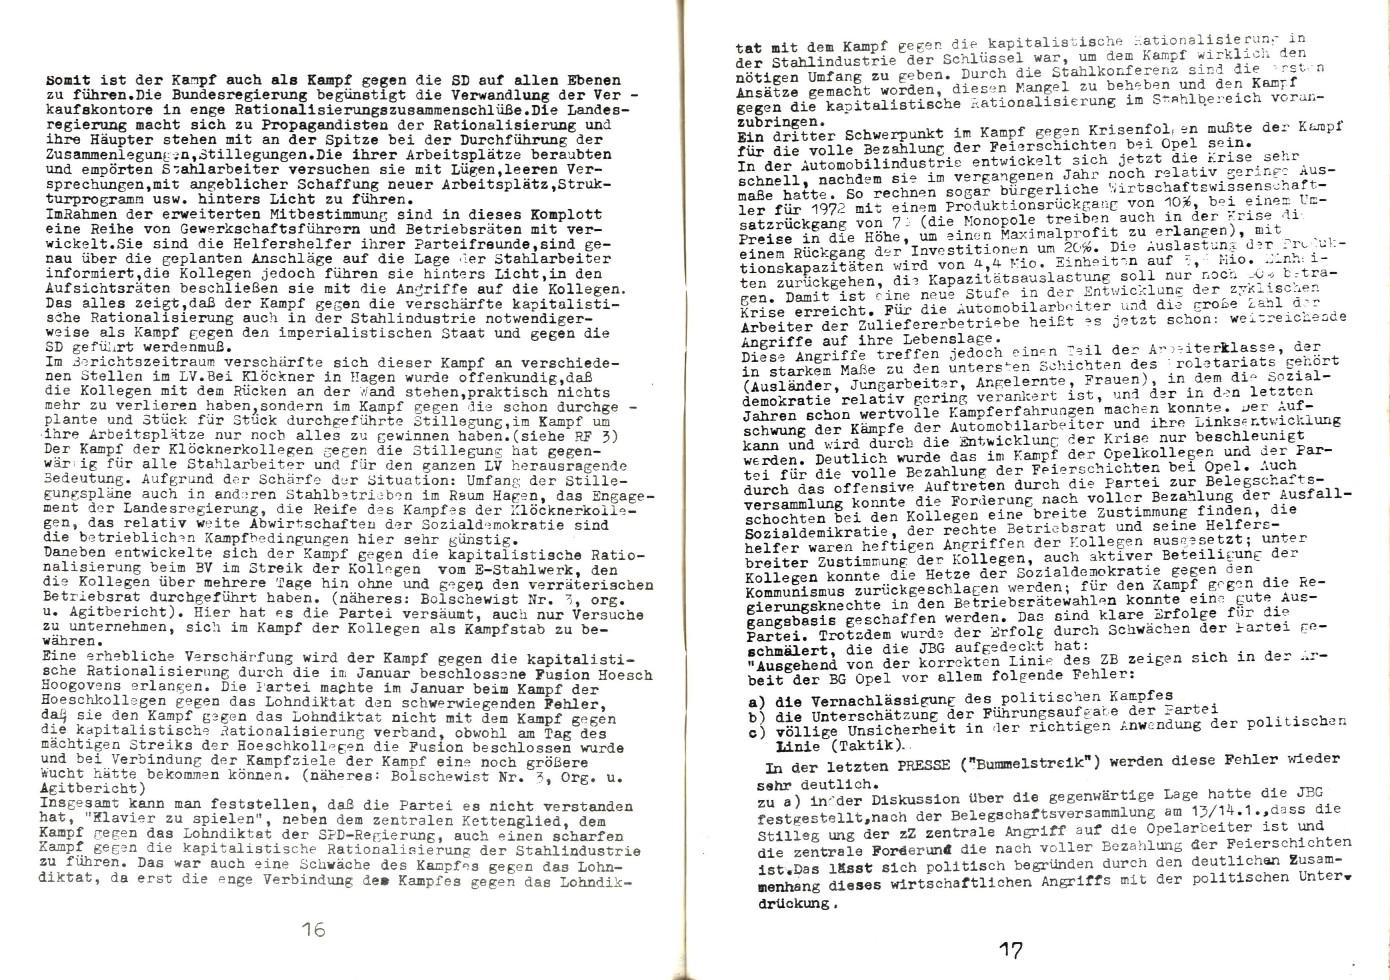 NRW_KPDML_Der_Bolschewist_1972_04_10